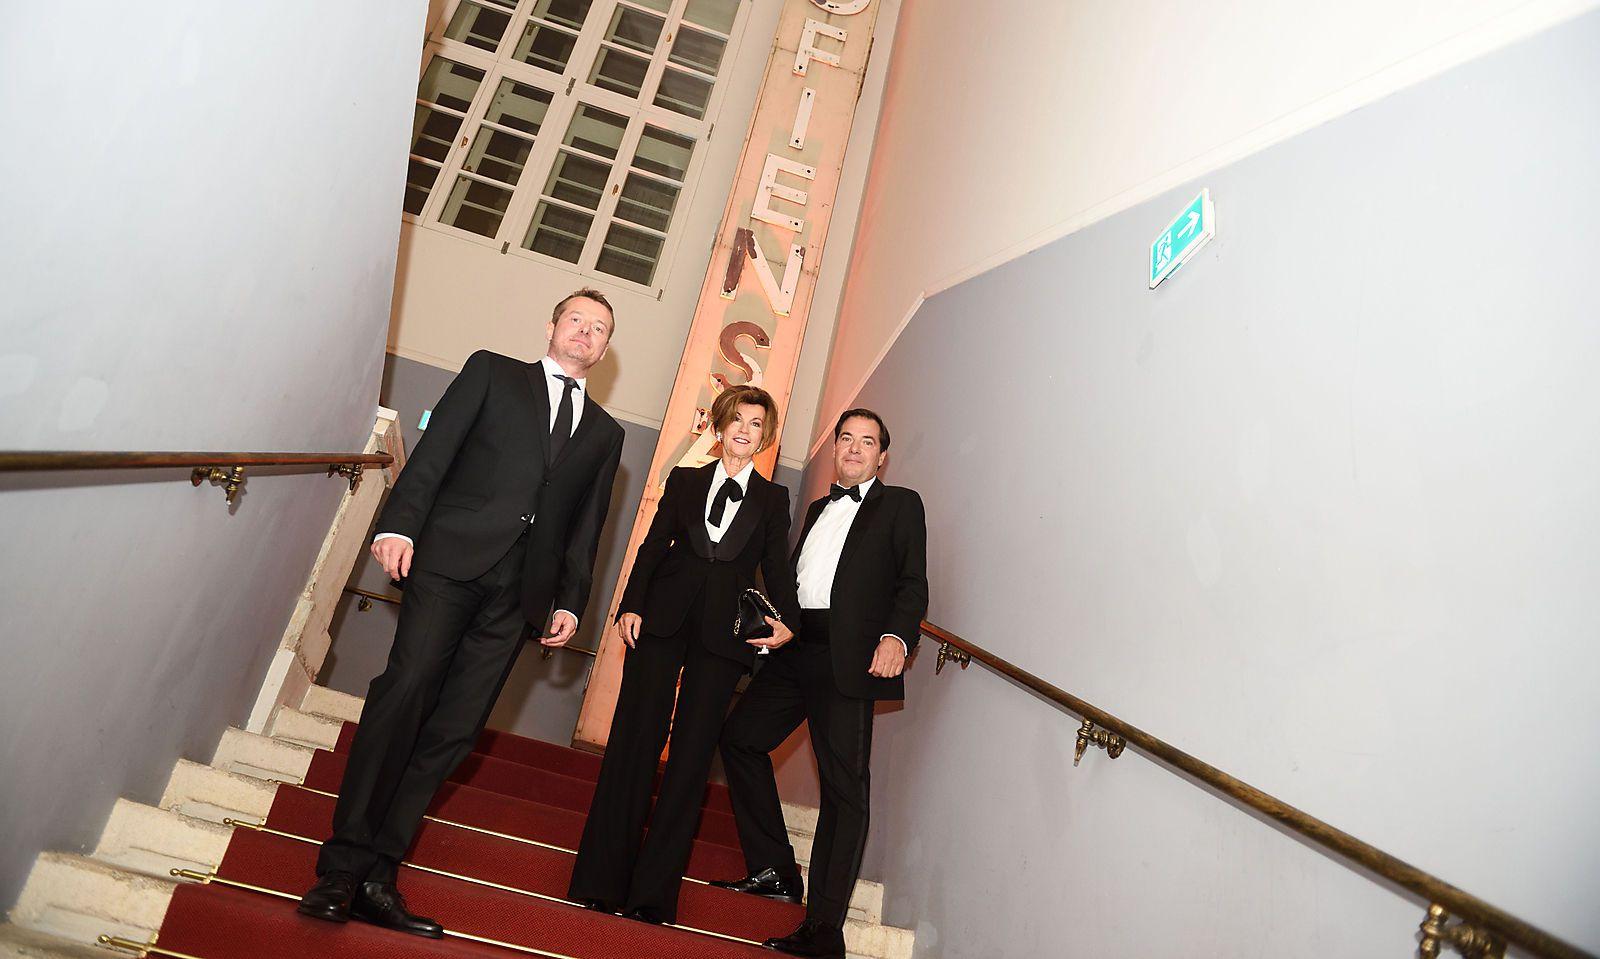 Bundeskanzlerin Brigitte Bierlein mit Presse-Geschäftsführer Herwig Langanger (l.) und Presse- Chefredakteur und Herausgeber Rainer Nowak (Foto Presse/Clemens Fabri)